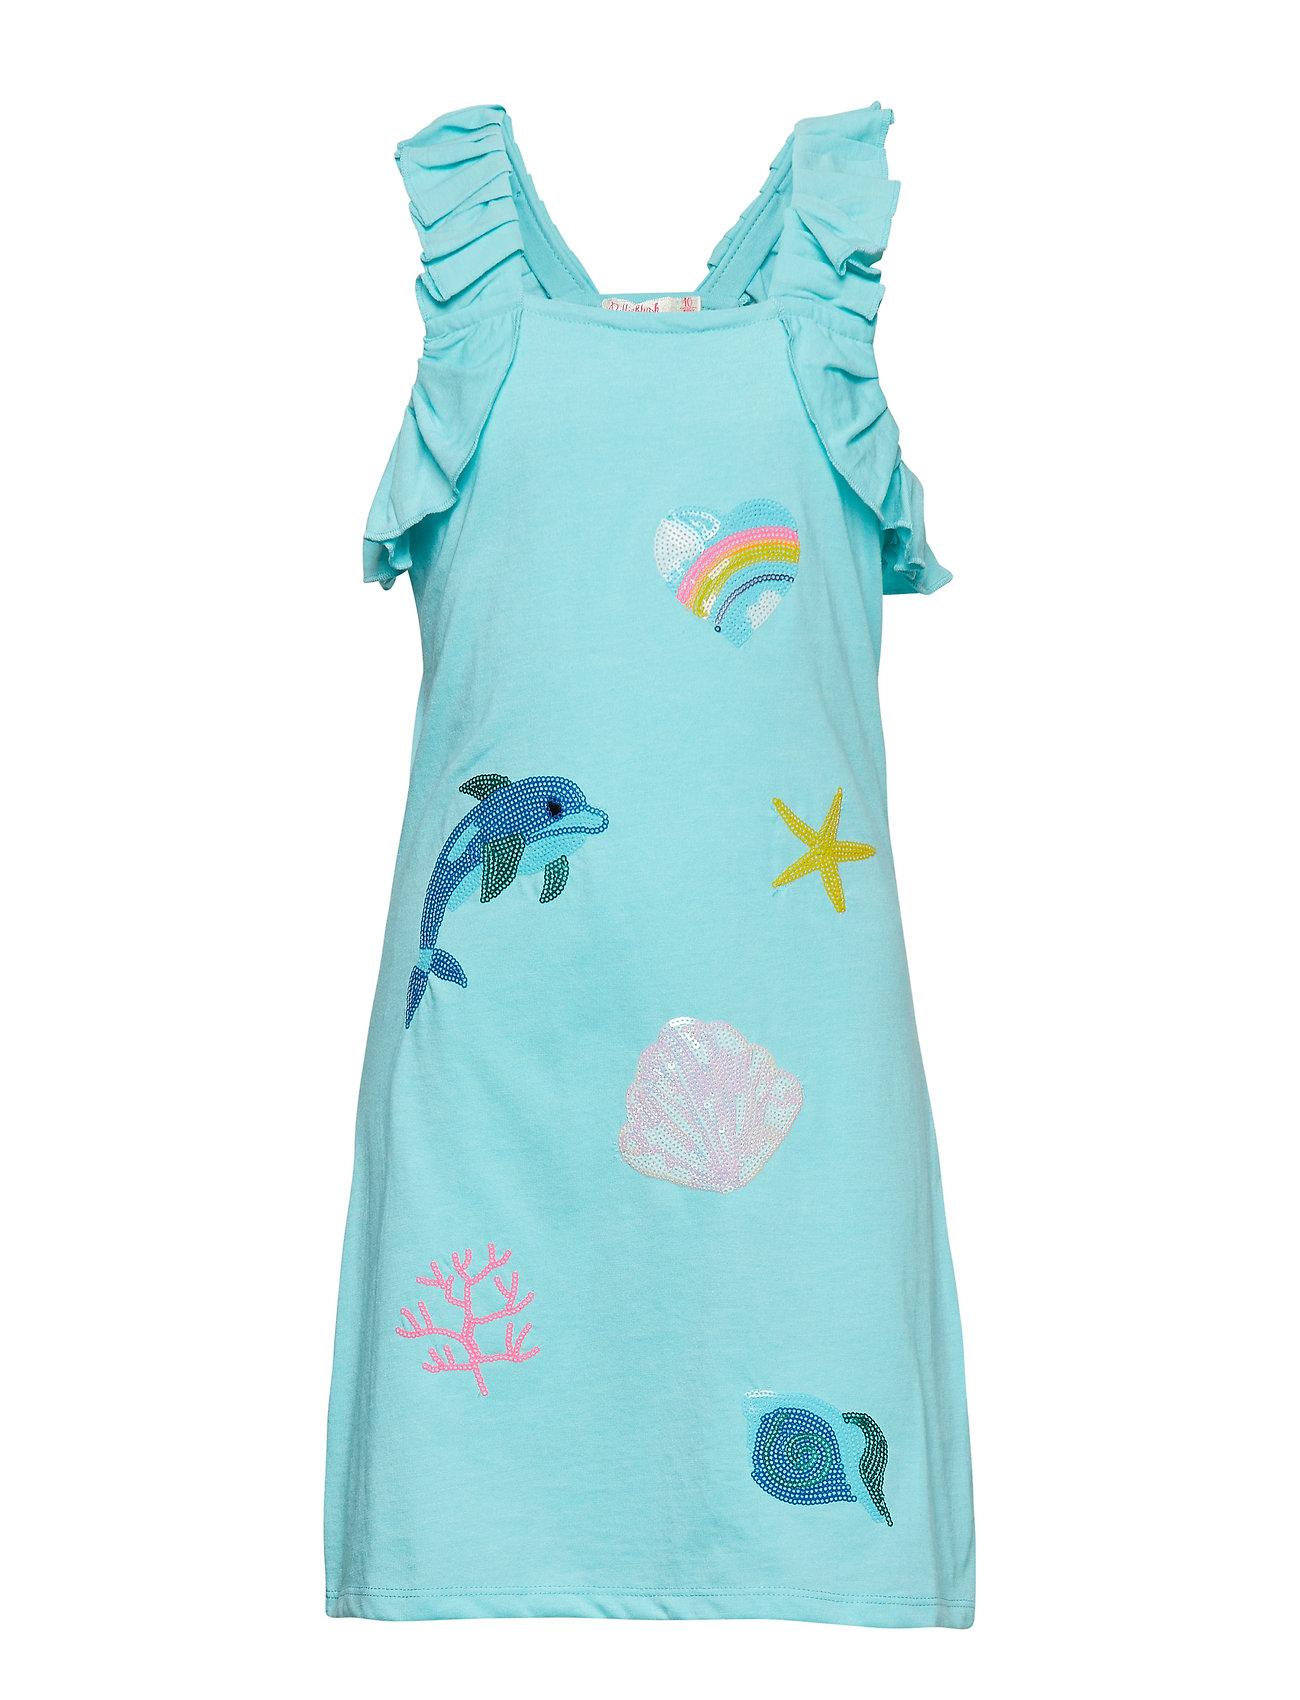 Image of Dress Kjole Blå BILLIEBLUSH (3123580241)